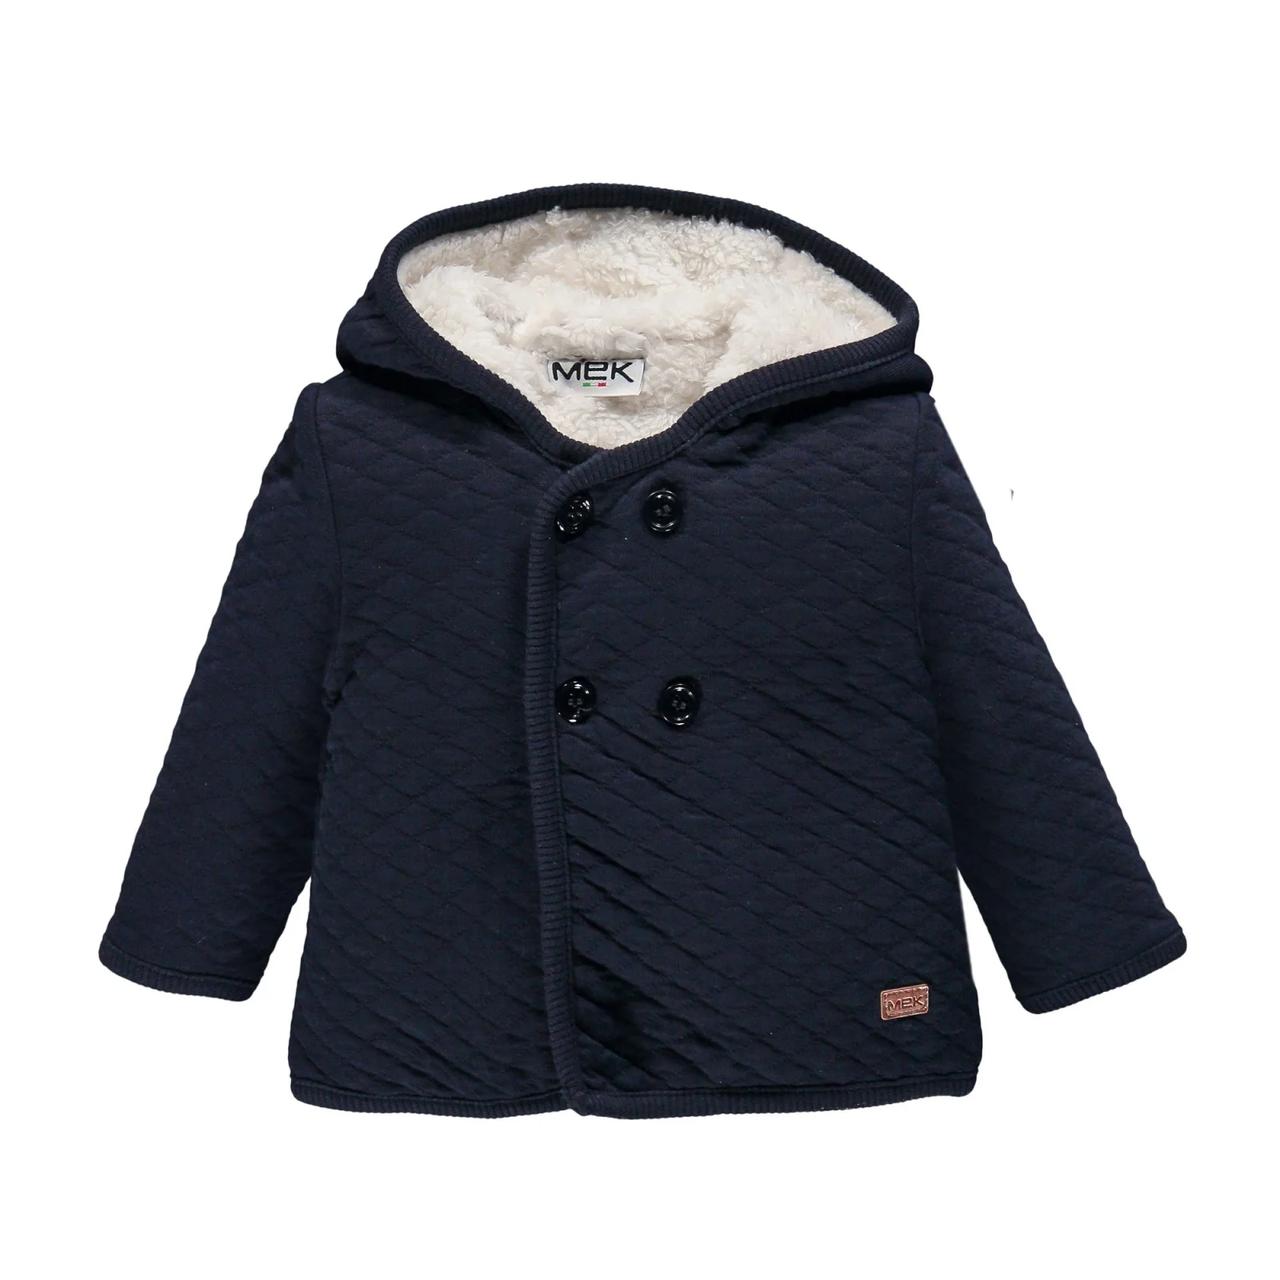 Утепленное пальто с капюшоном для мальчика  BRUMS 193MDAA001 синие 86